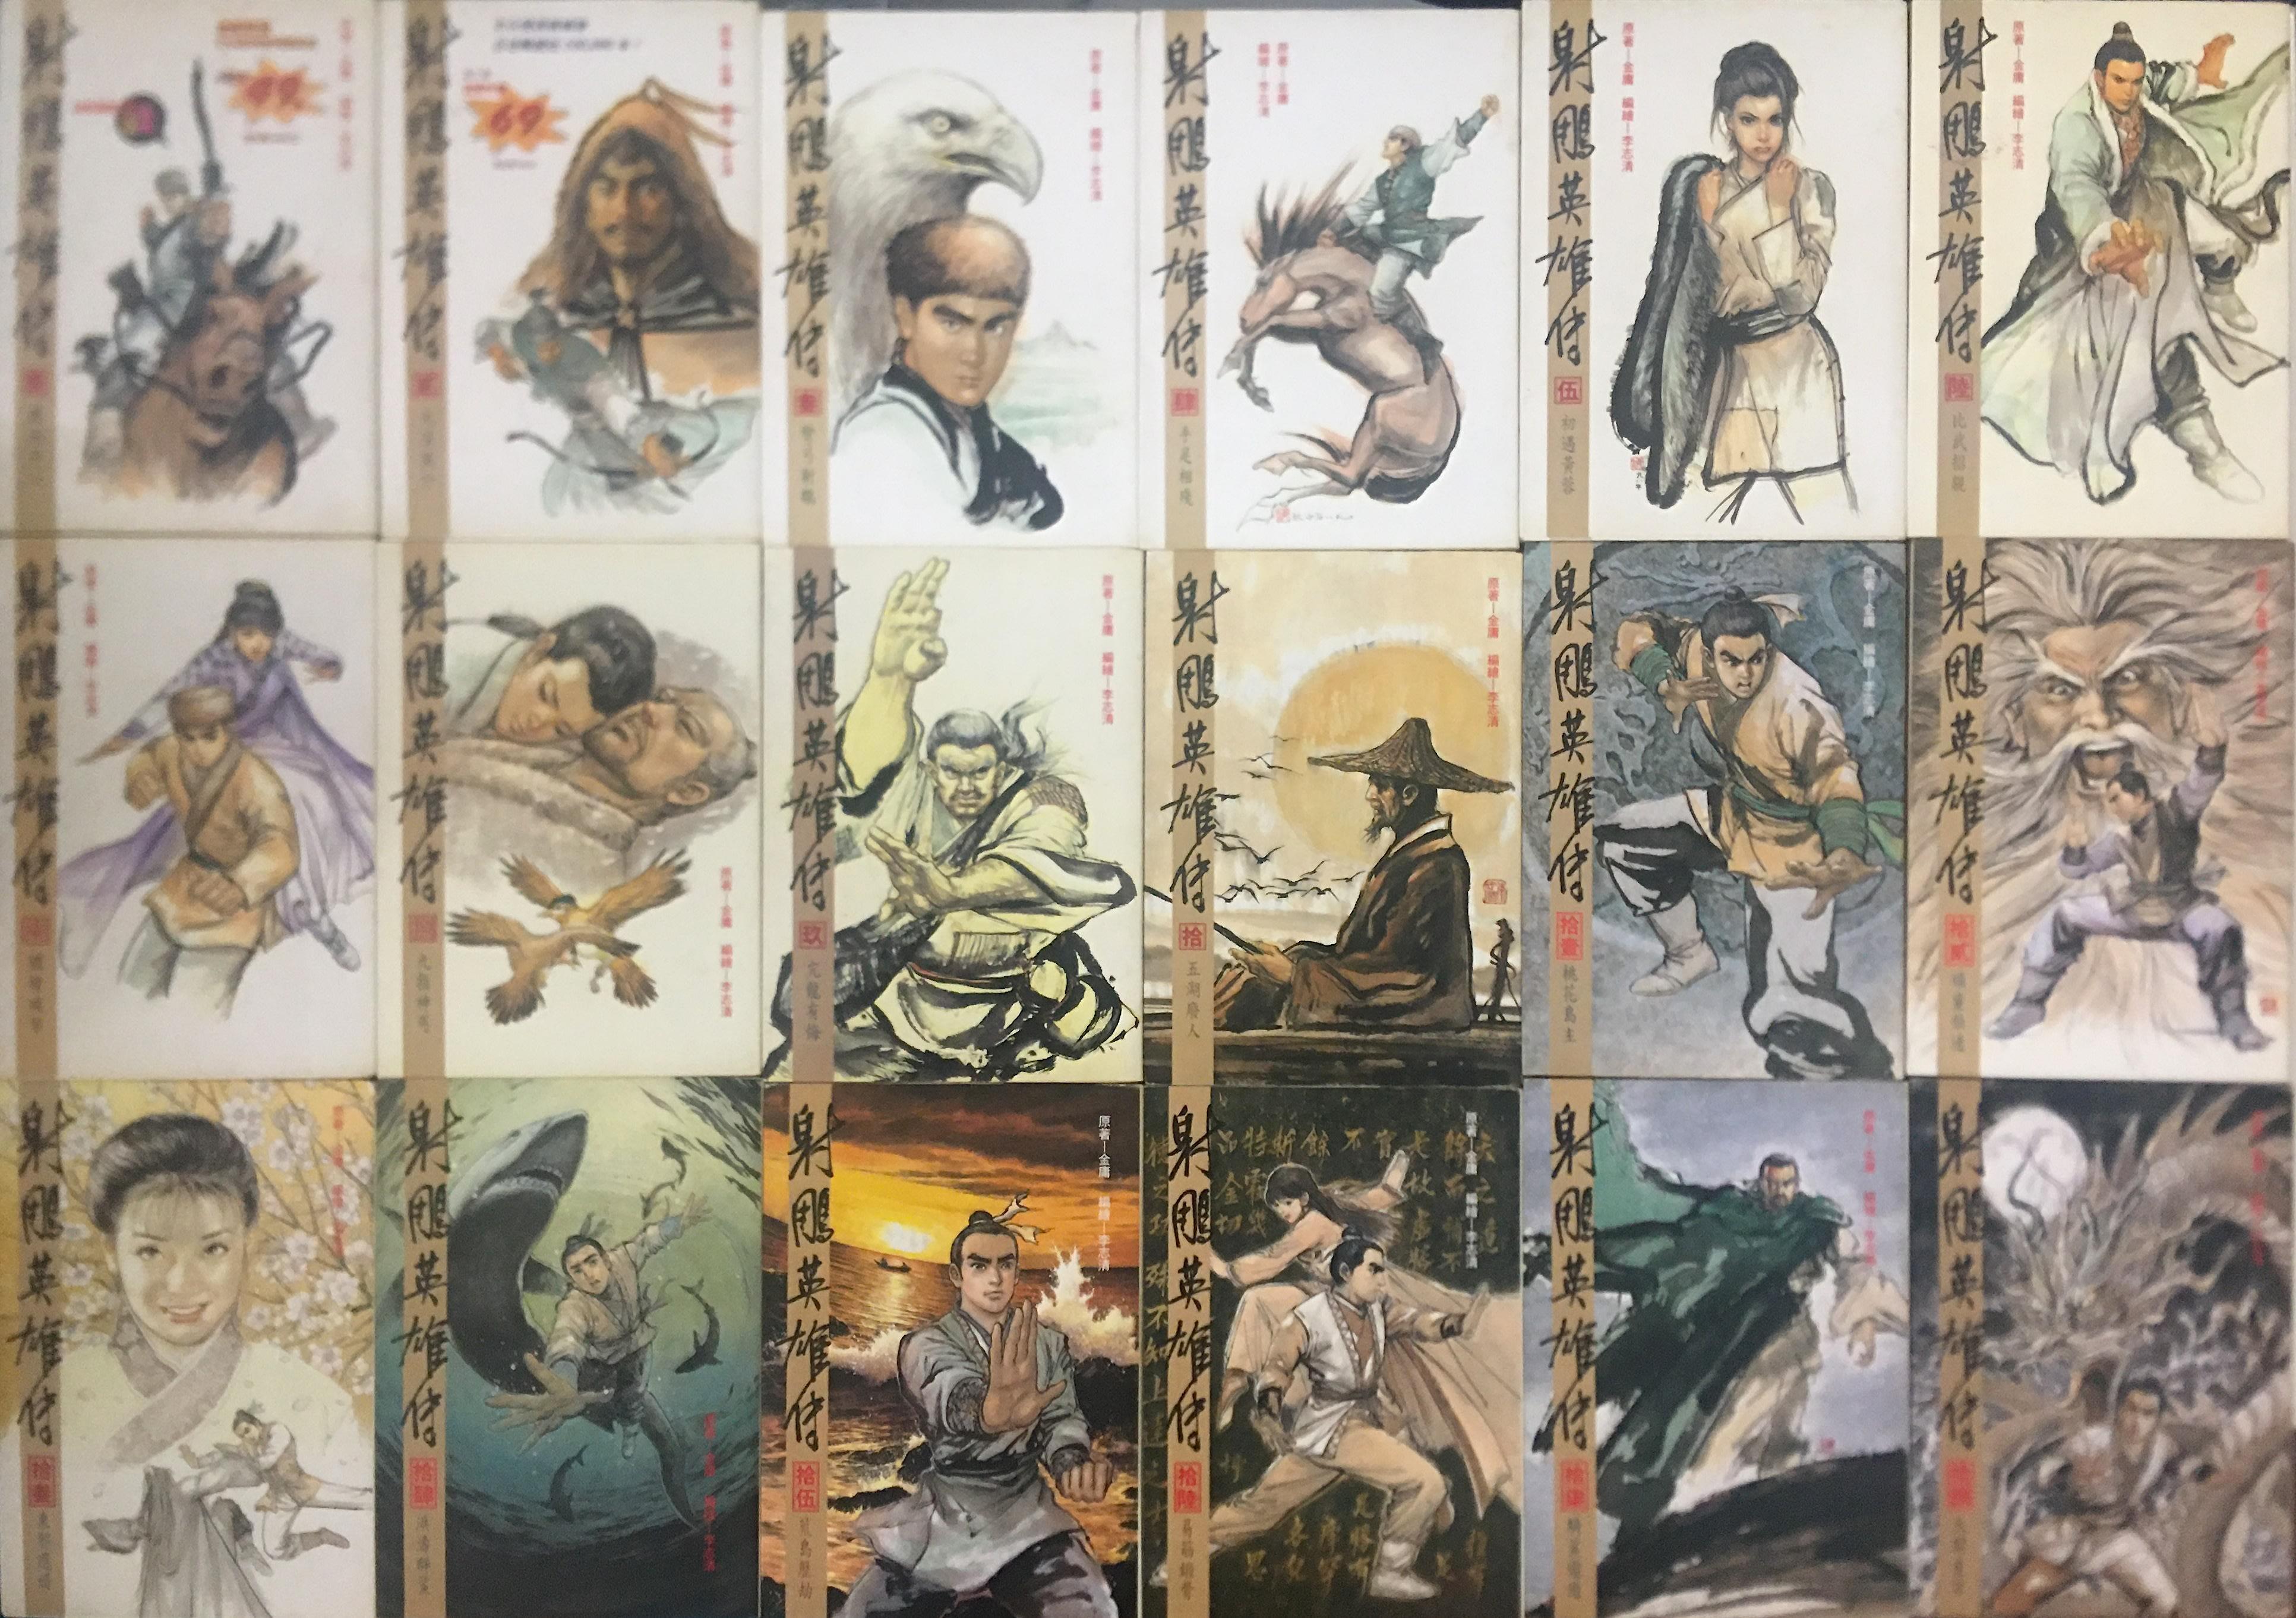 遠流版金庸漫畫 射雕英雄傳 李志清繪